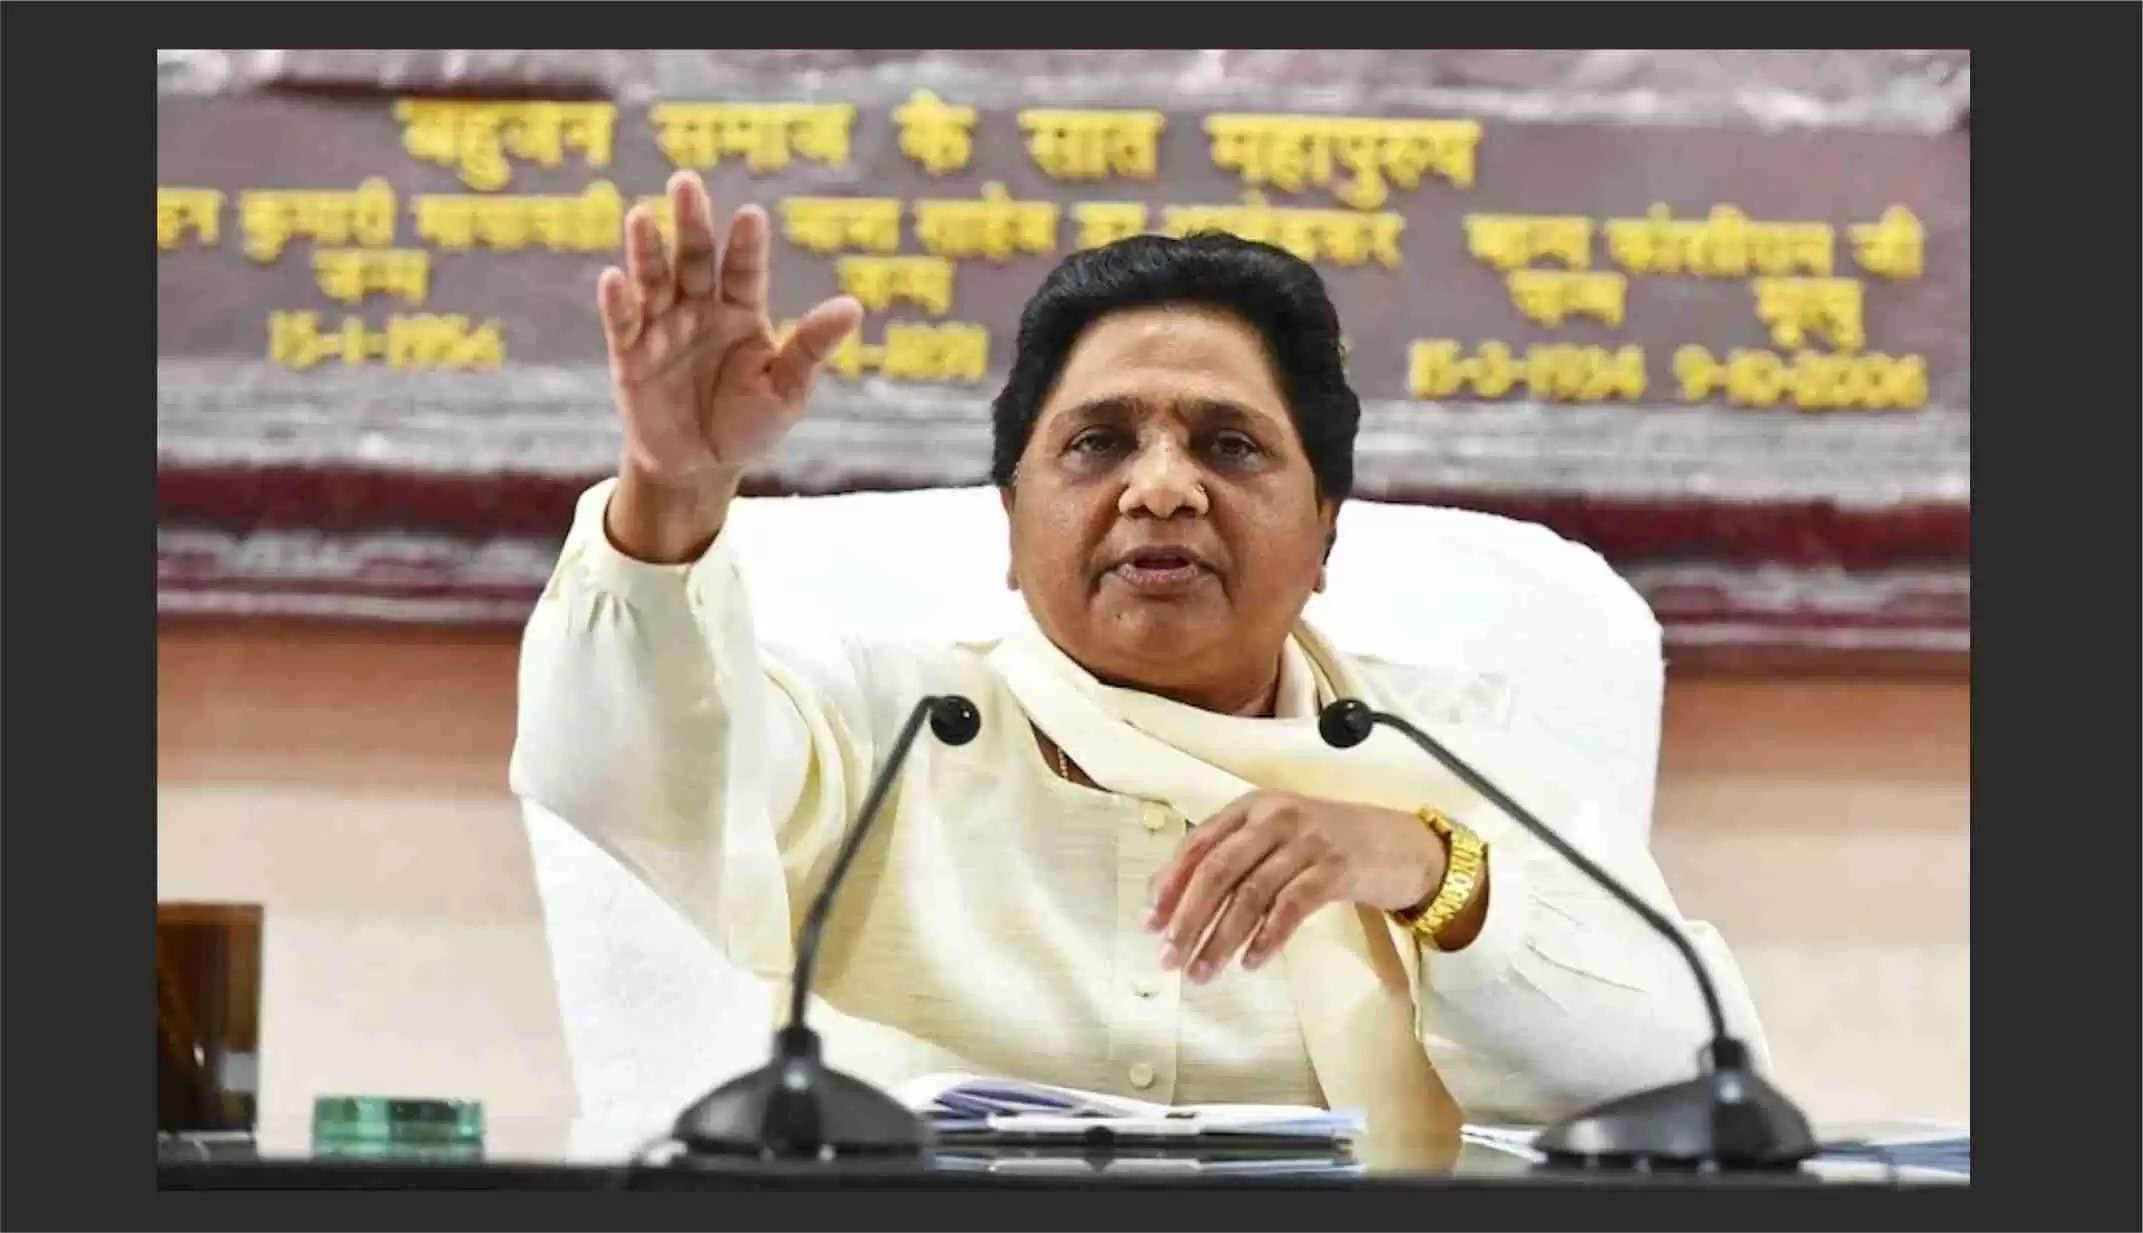 UP News : मायावती का बड़ा दांव, बसपा करेगी ब्राह्मण सम्मेलन का आयोजन,23 जुलाई से अयोध्या में ब्राह्मण सम्मेलन का आगाज